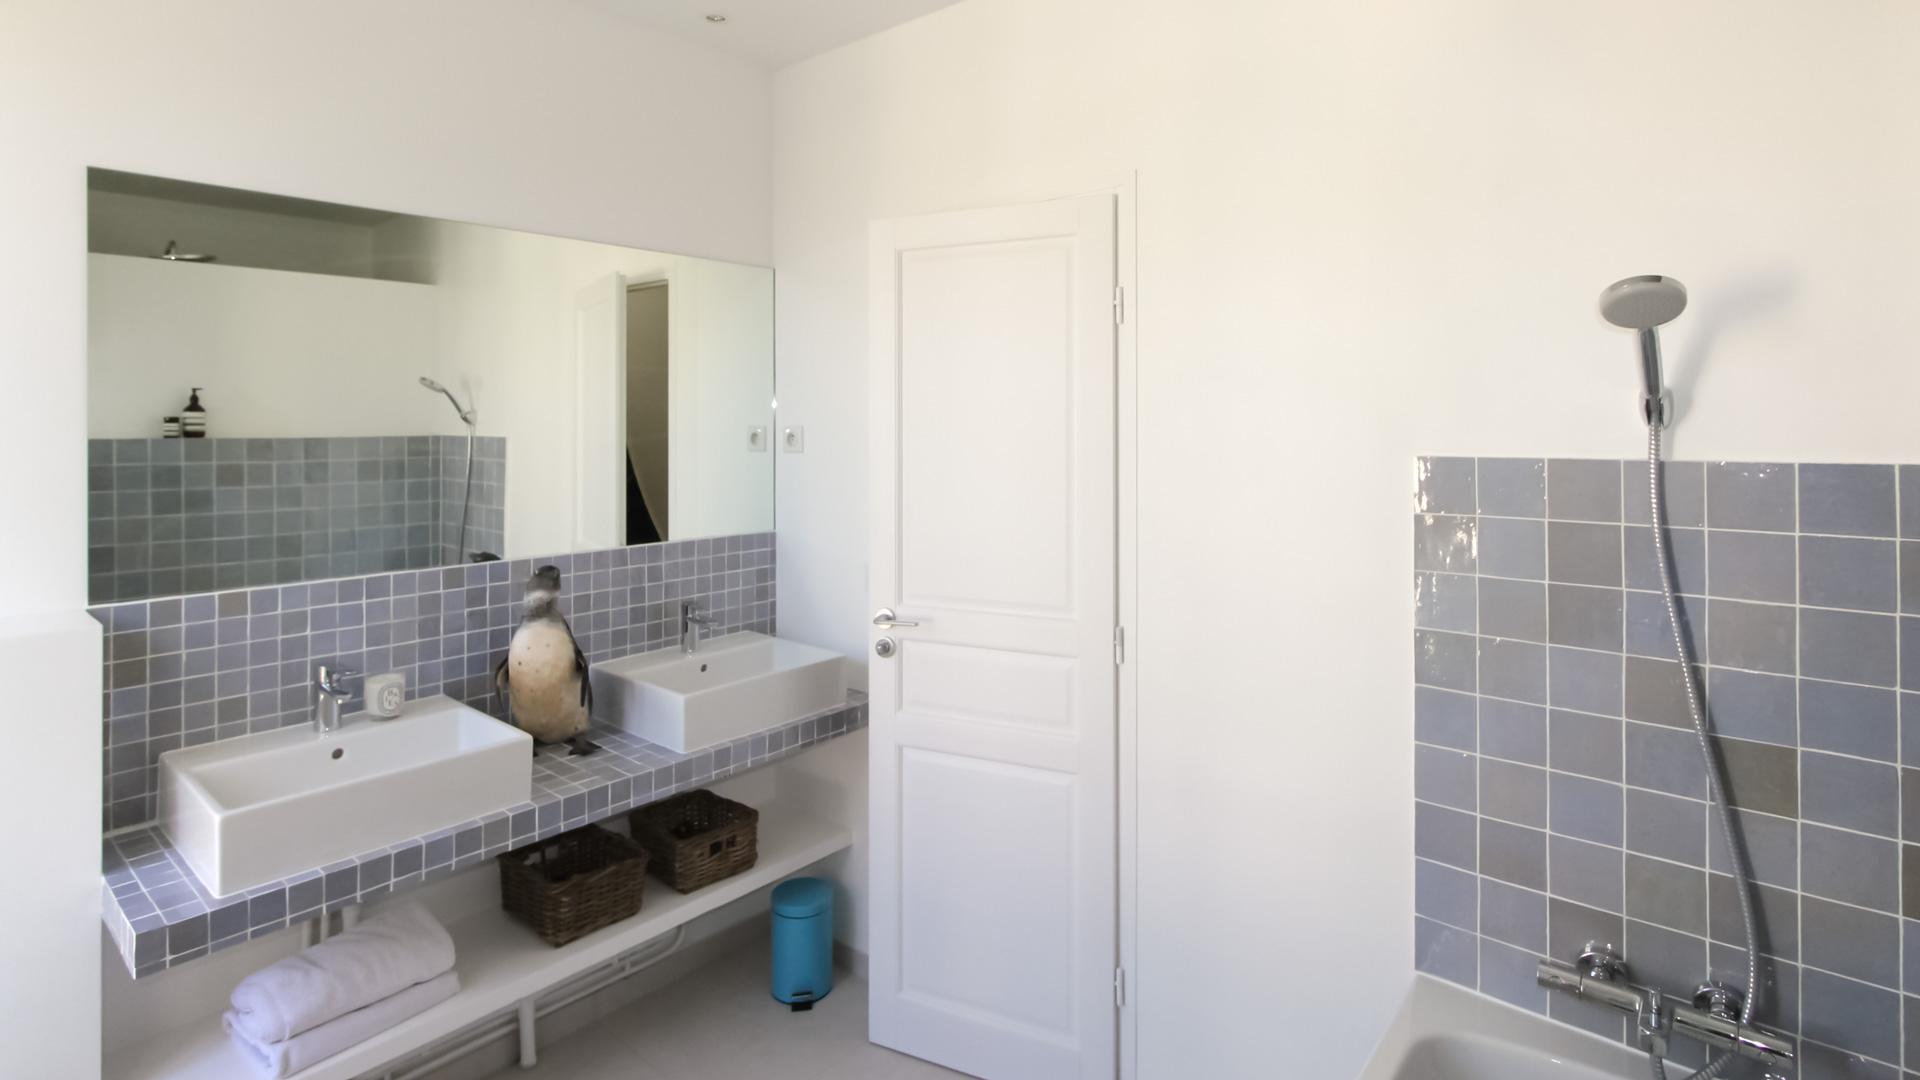 Maison fontenay sous bois julie delacommune - Salle de bains enfants ...